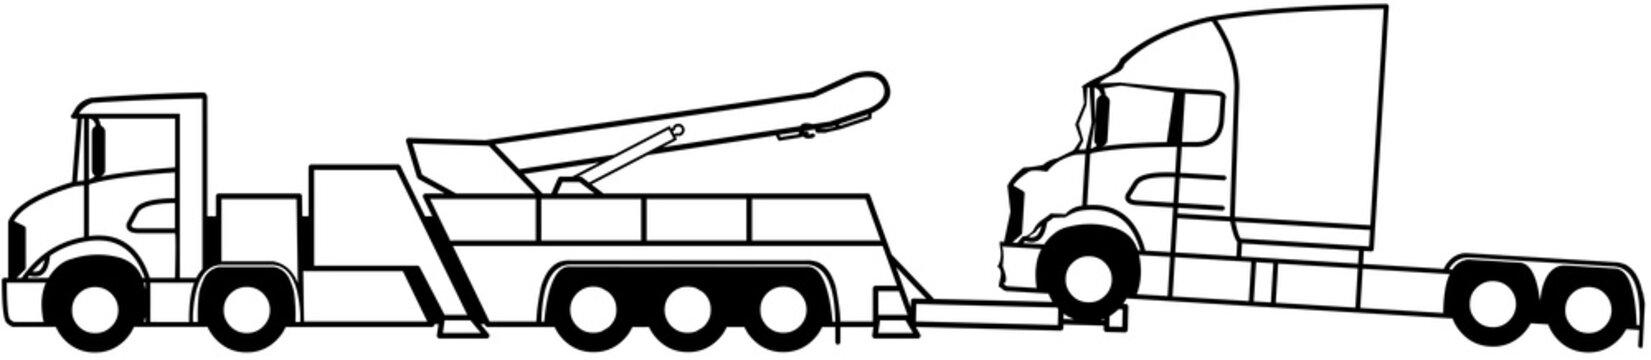 Truck towing - Wrecker truck - Heavy duty tow truck - Road Wrecker Truck - assistance - shape - silhouette - monochrome 10x4 -american - icon